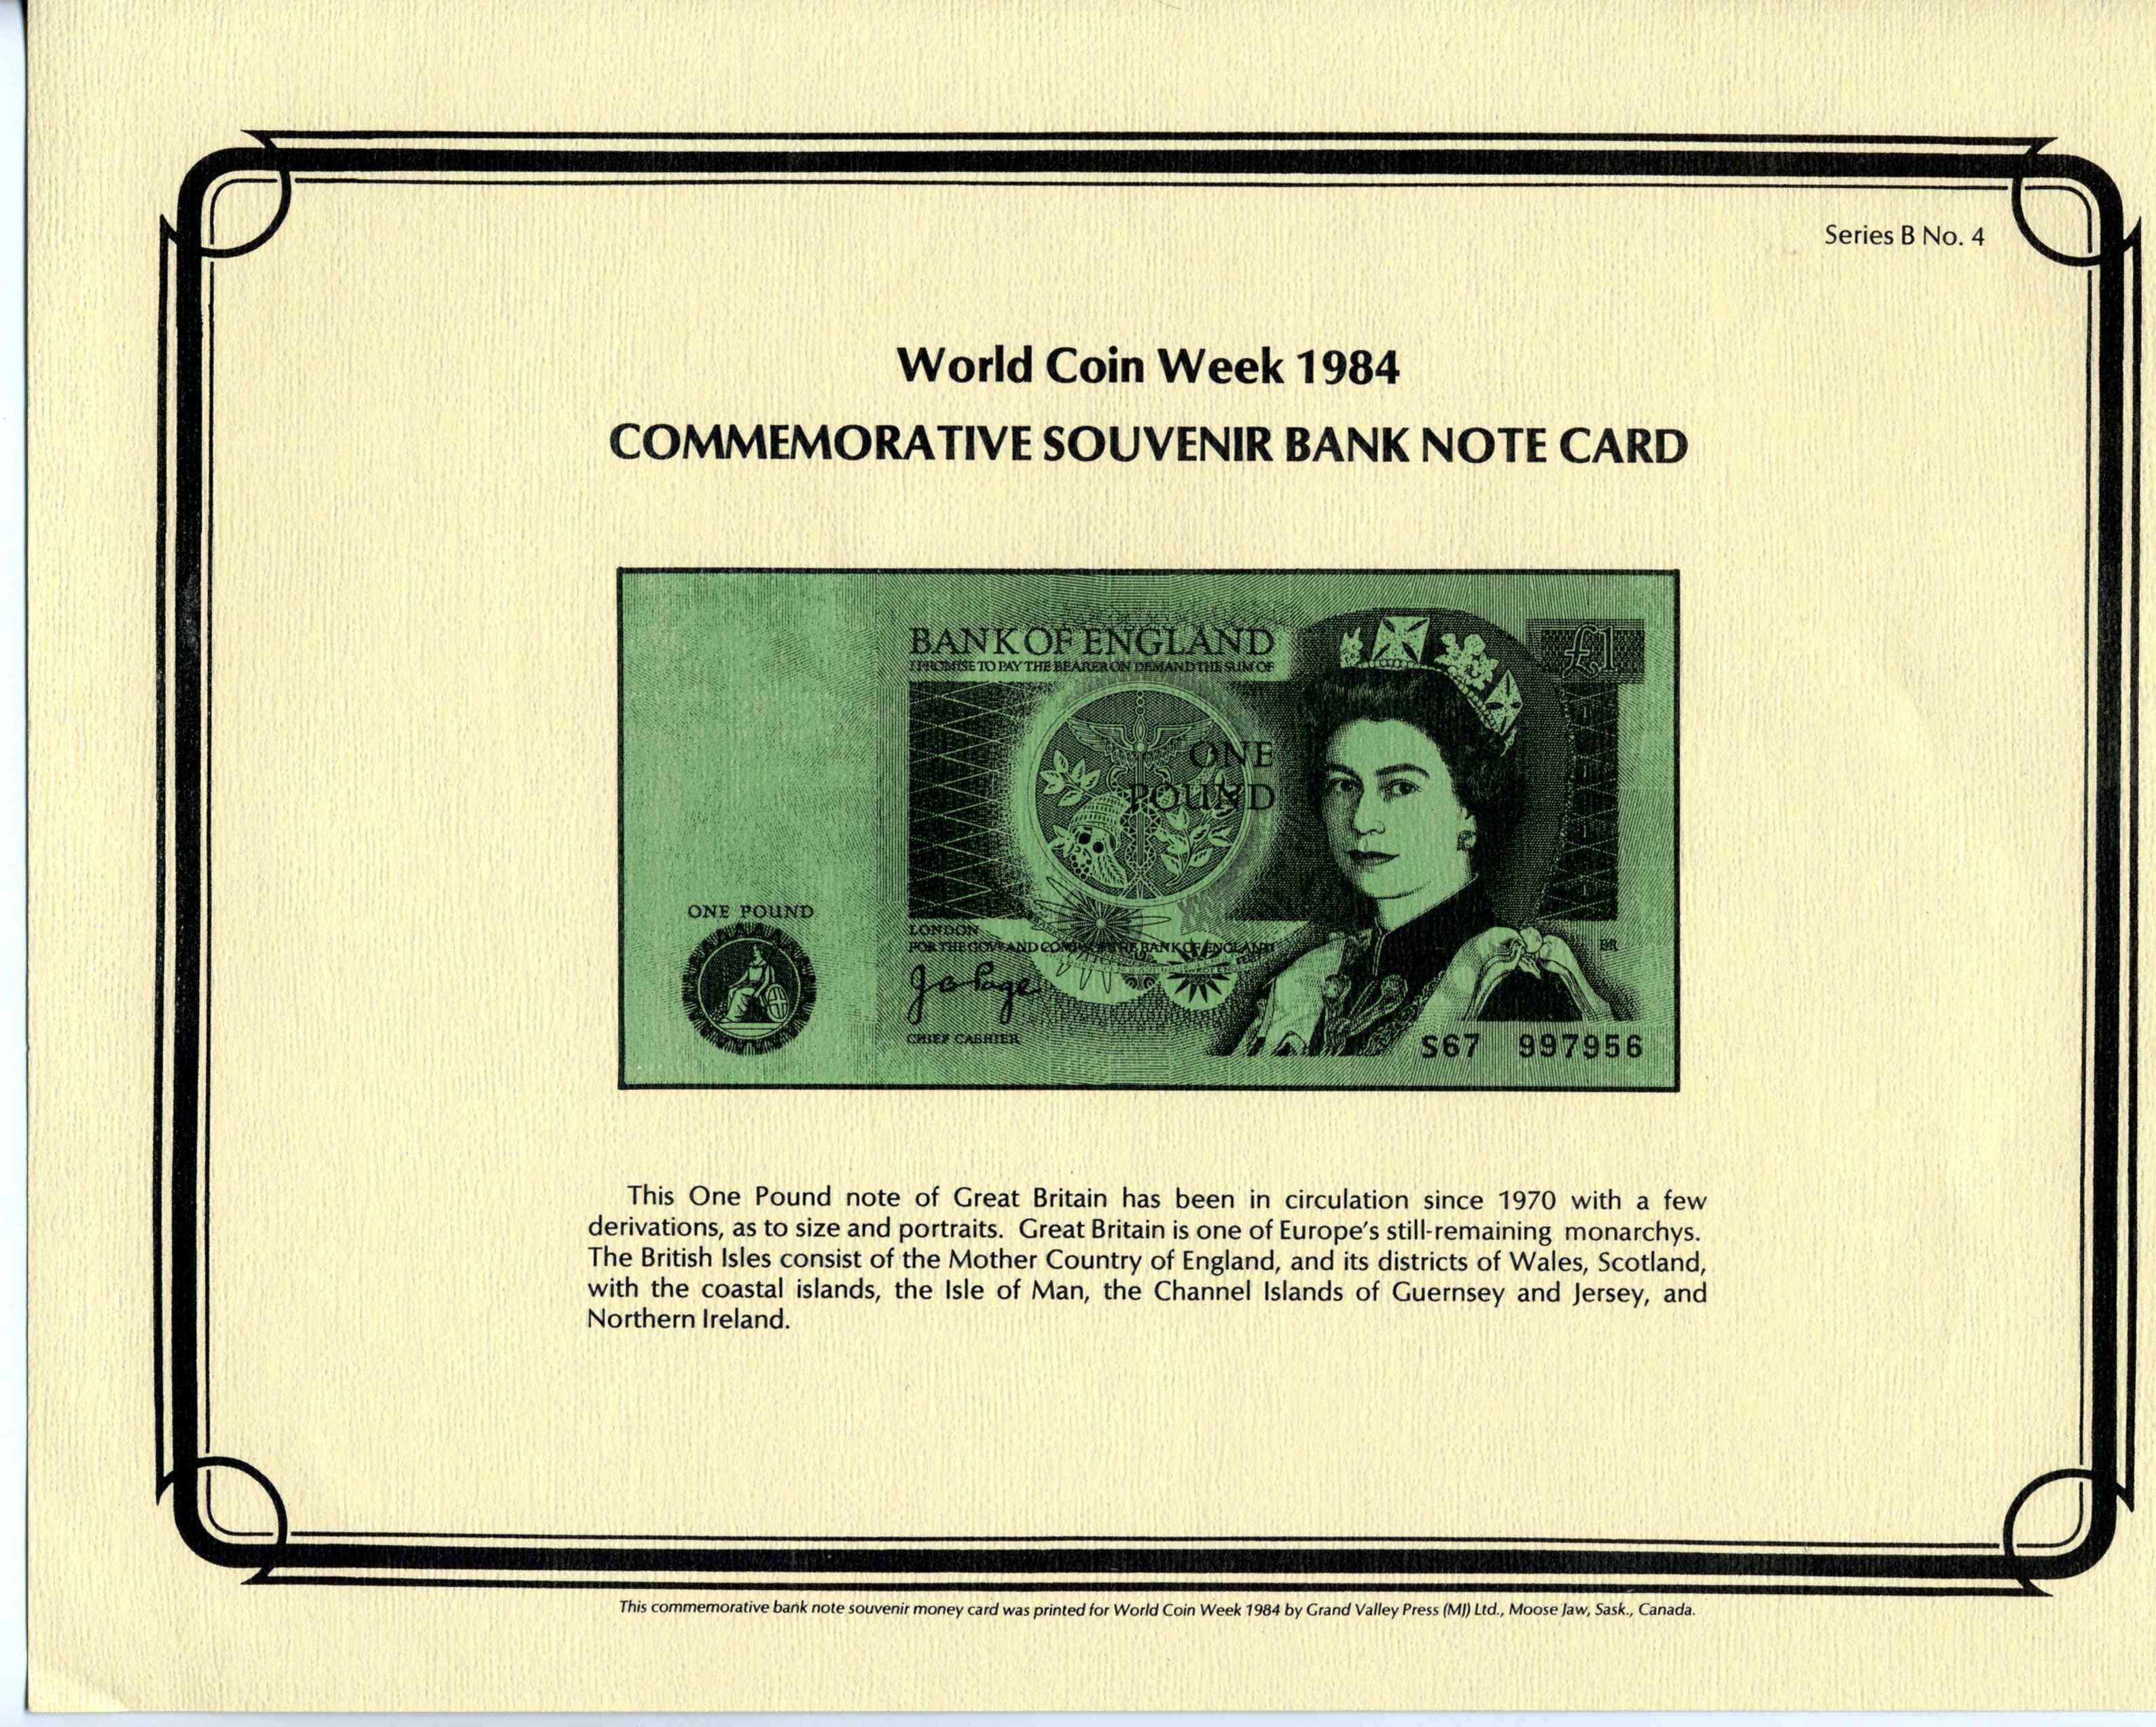 card_WCW1984_B4.jpg